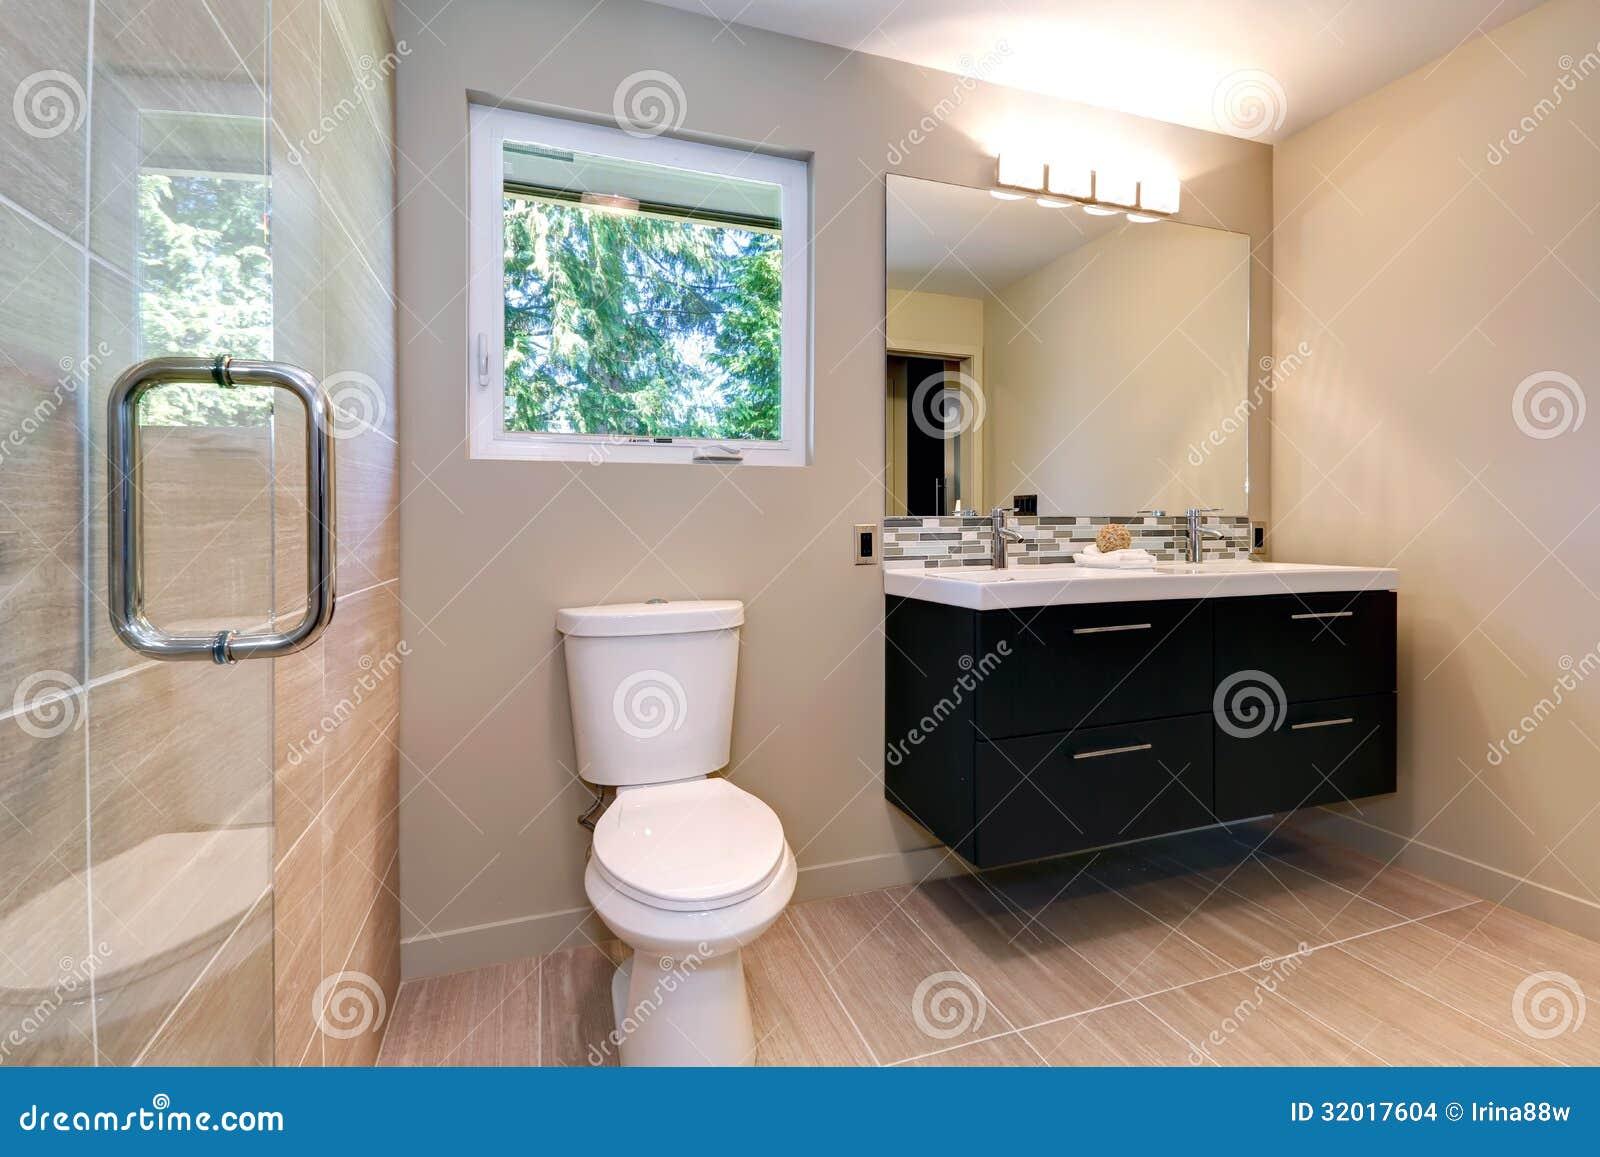 Nuovo bagno moderno semplice con i doppi lavandini e la piastrella di ceramica naturale - Bagno moderno foto ...